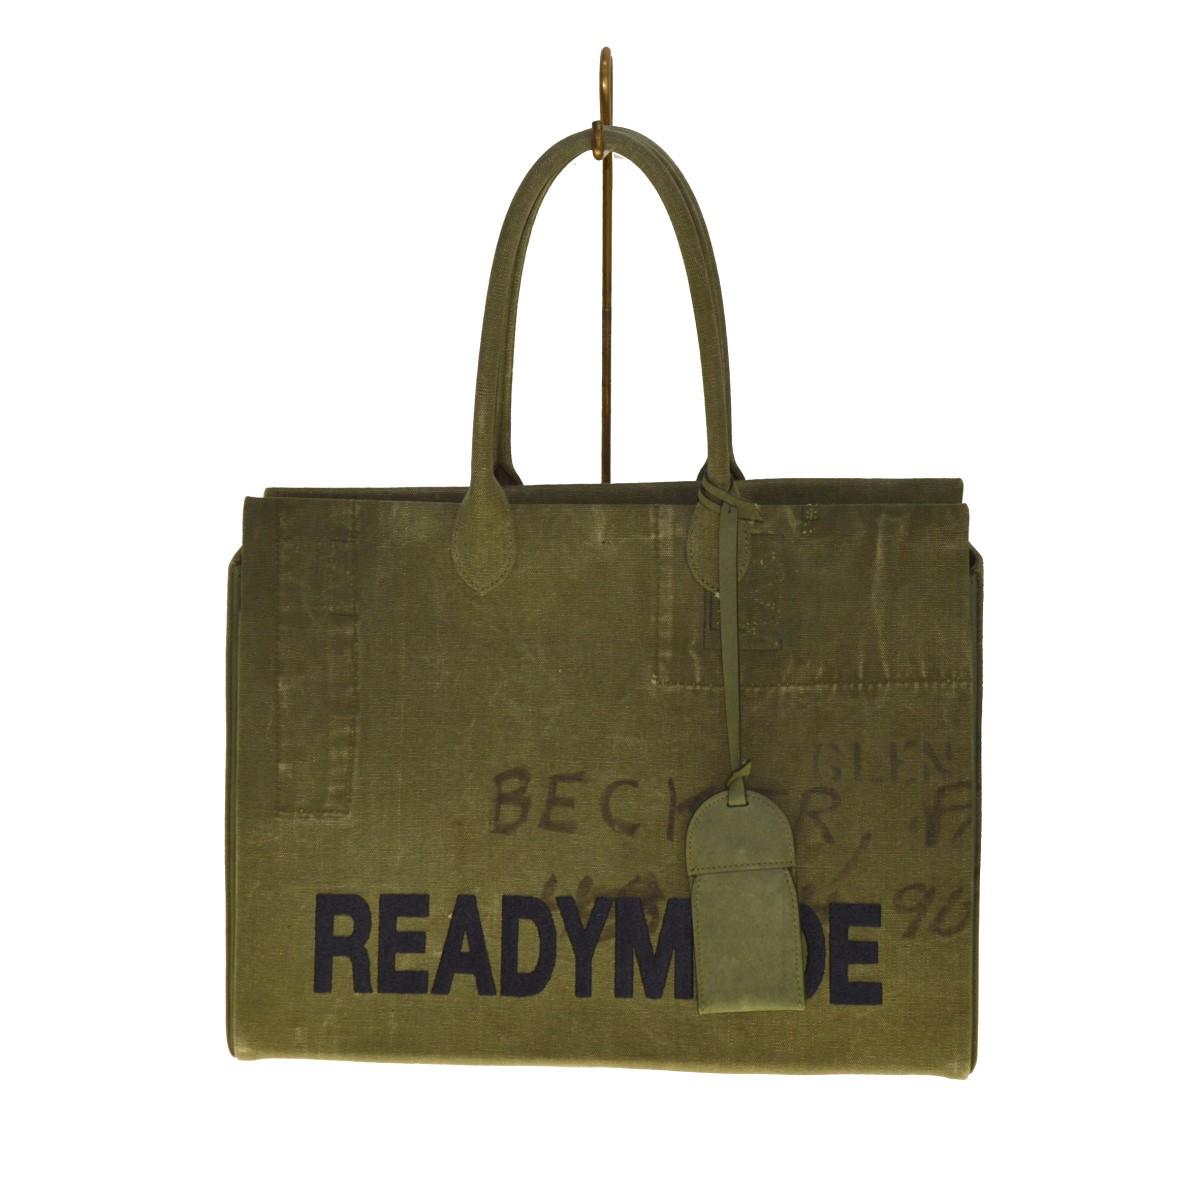 レディメイド 中古 READYMADE SHOPPING 倉 BAG40 トートバッグ 輸入 070821 カーキ ショッピング バッグ40